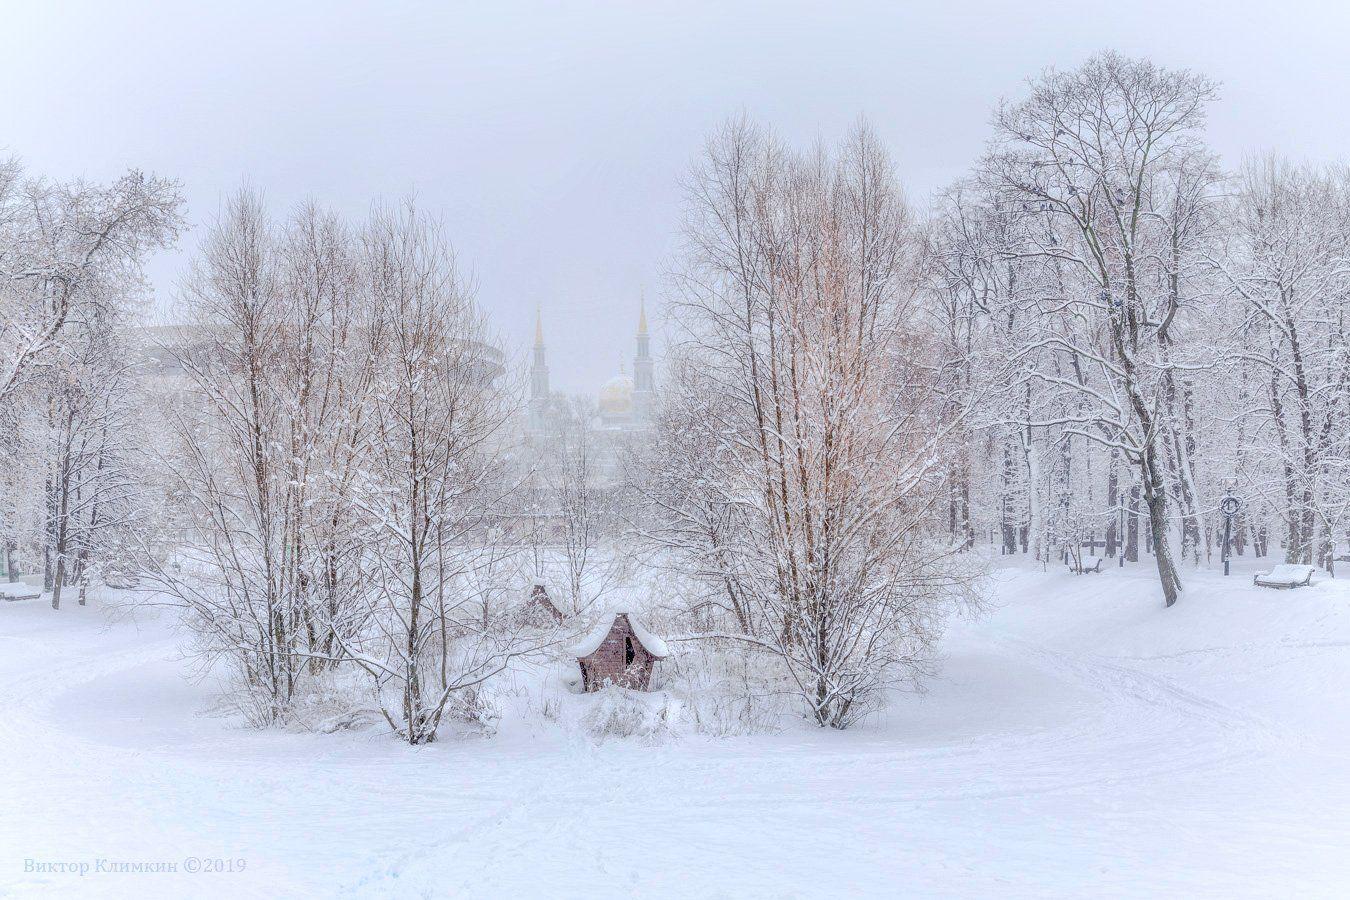 москва, парк, екатерининский, мечеть, зима, Виктор Климкин